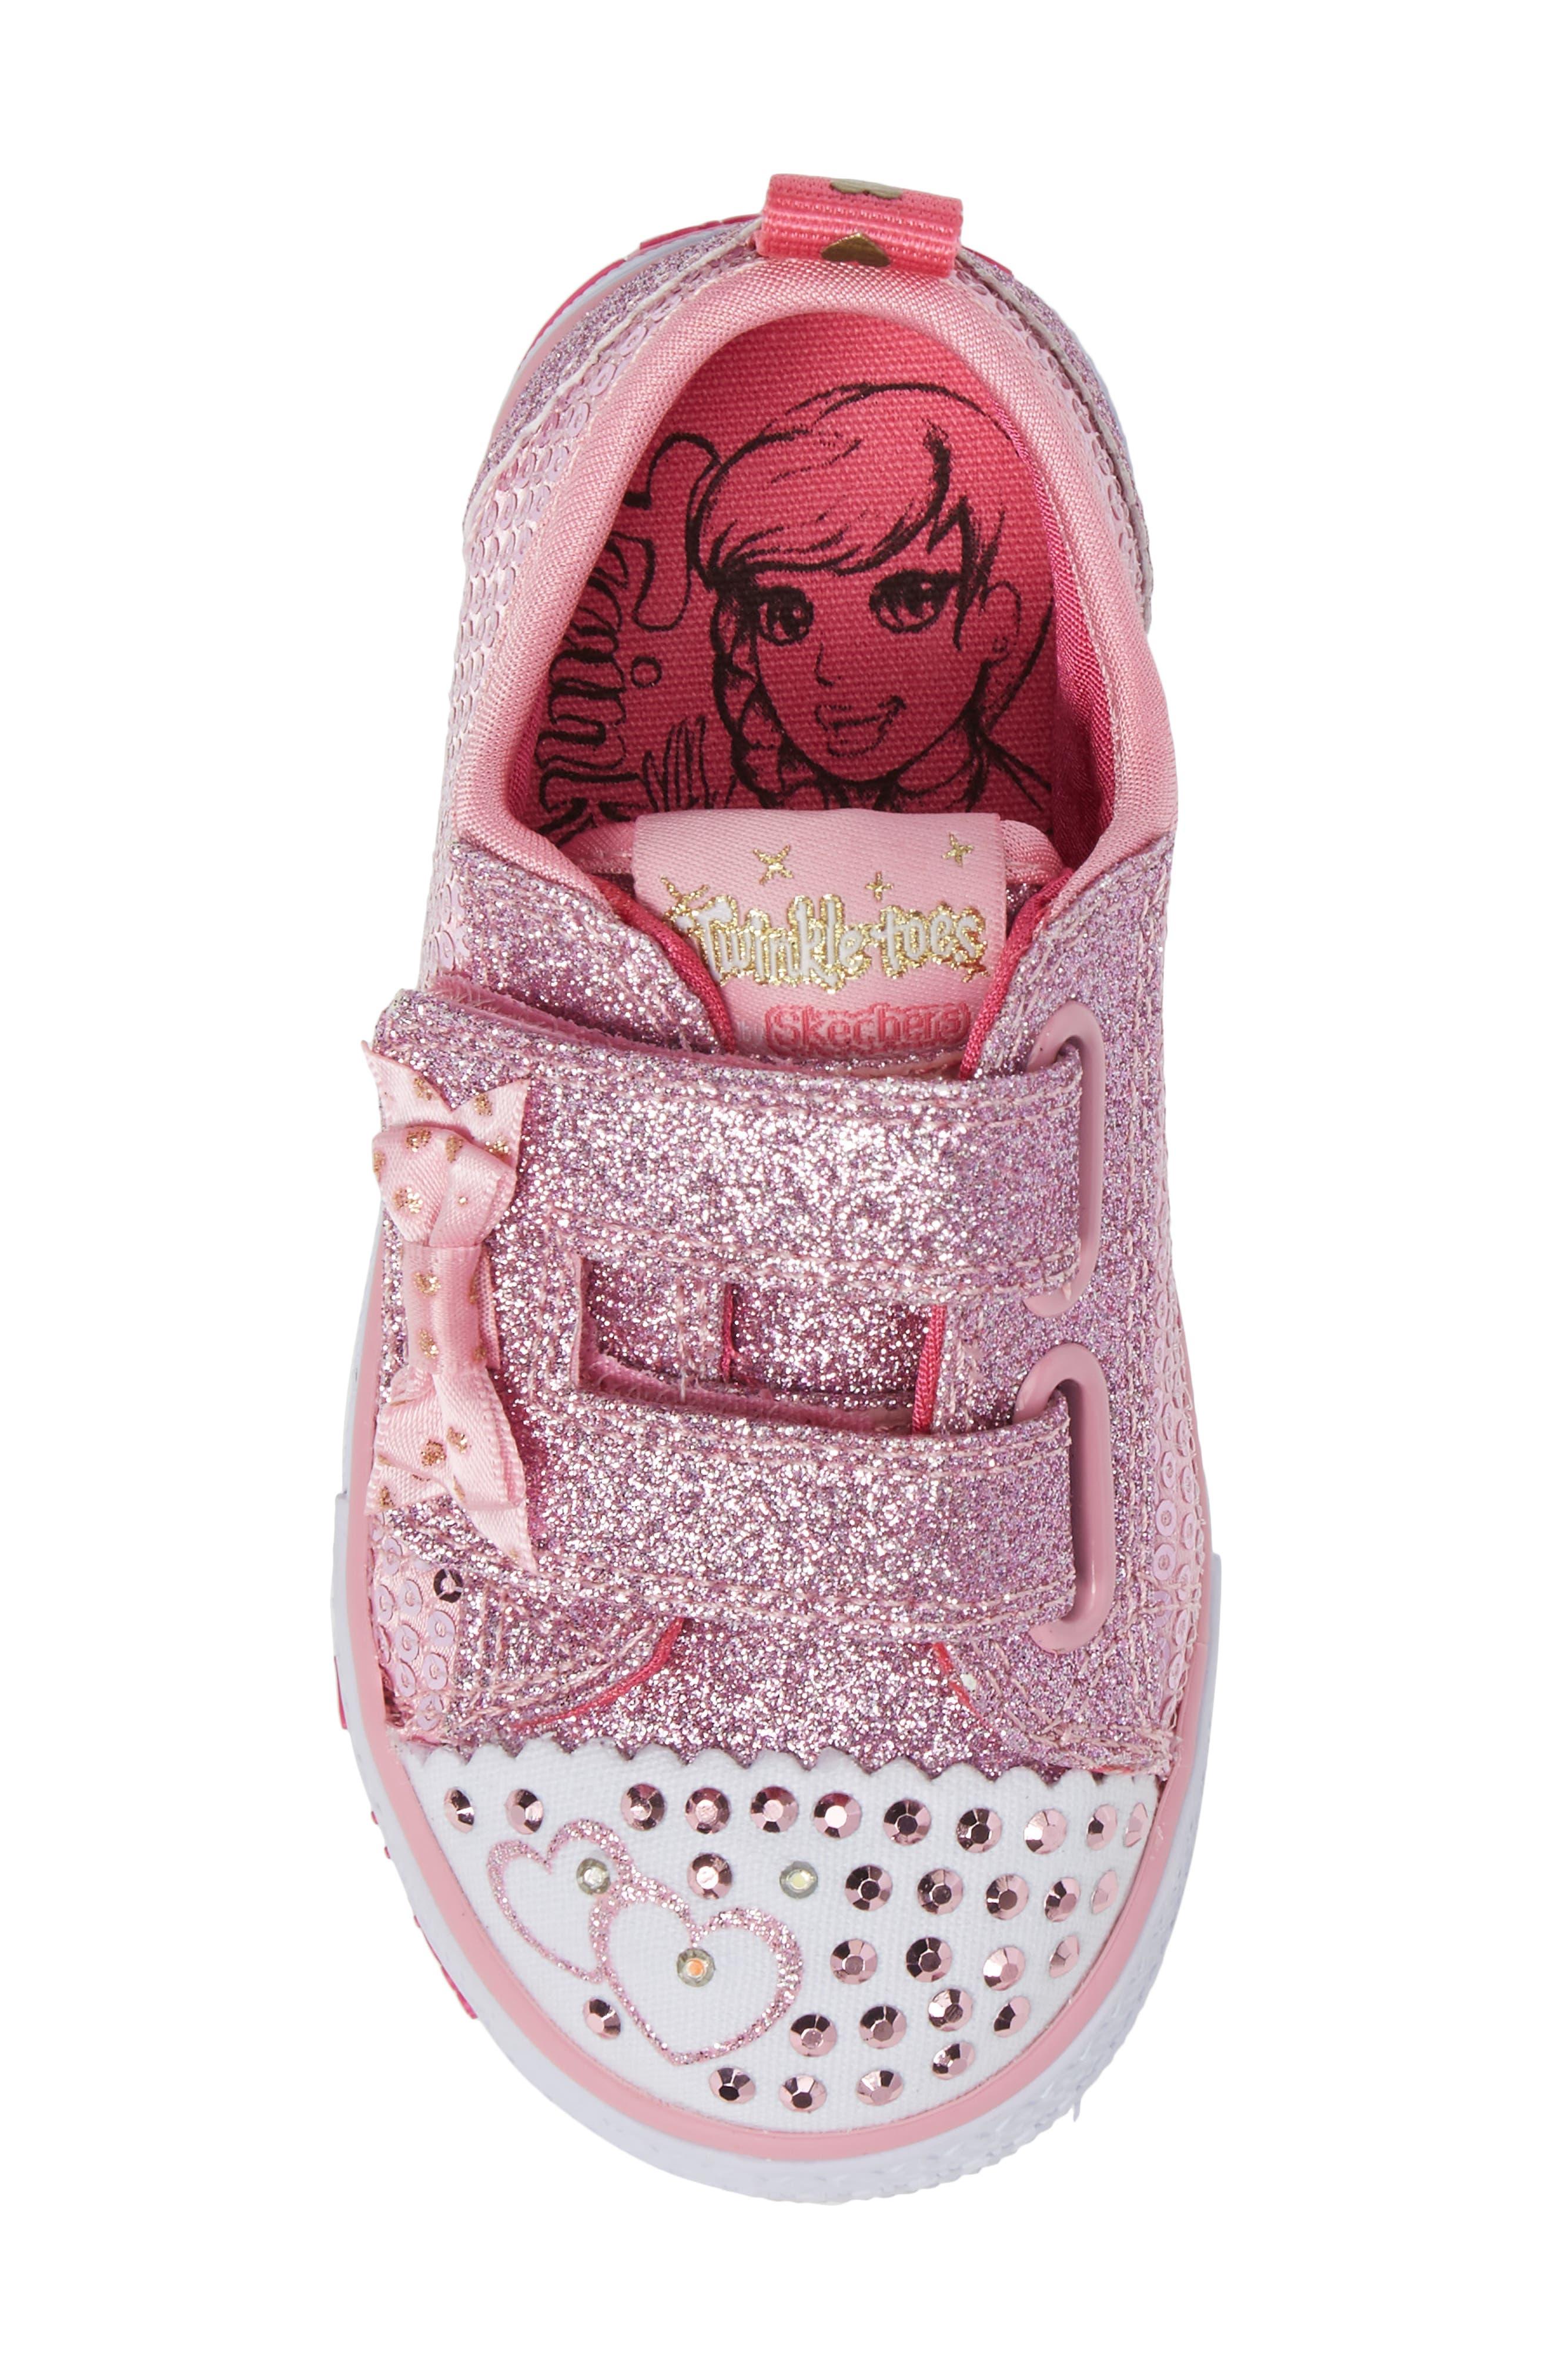 Shuffles - Itsy Bitsy Light-Up Sneaker,                             Alternate thumbnail 24, color,